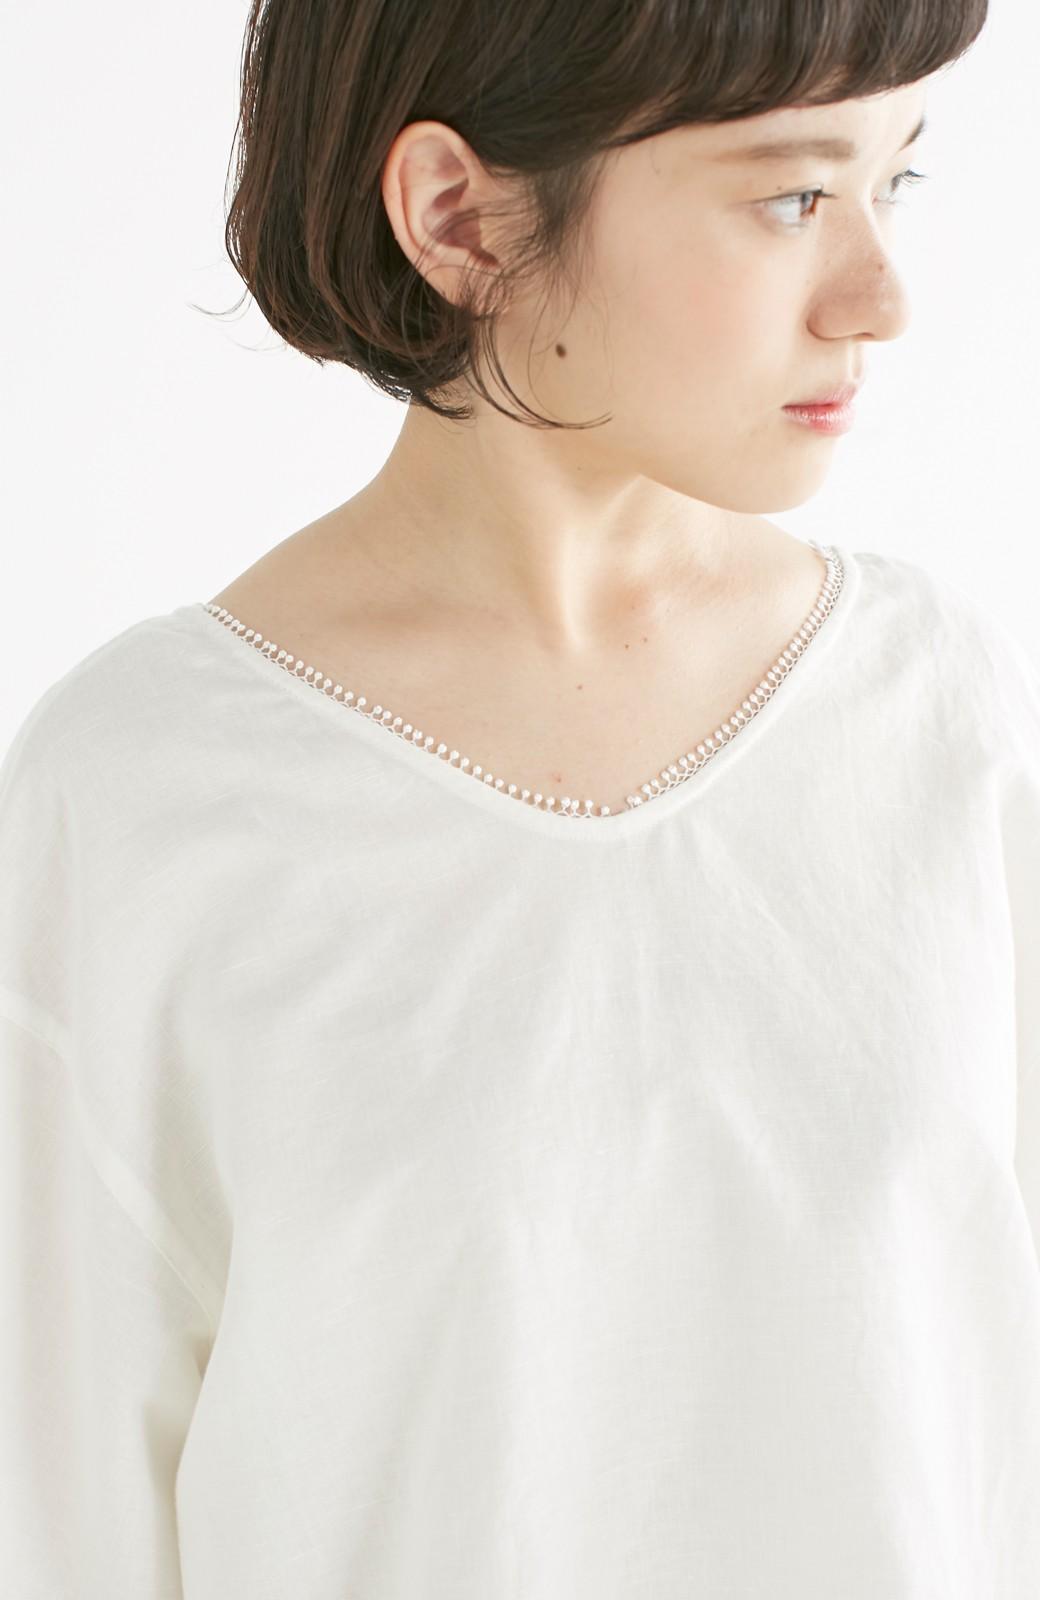 エムトロワ 着るほどになじむ 綿麻素材の袖レーストップス <ホワイト>の商品写真14